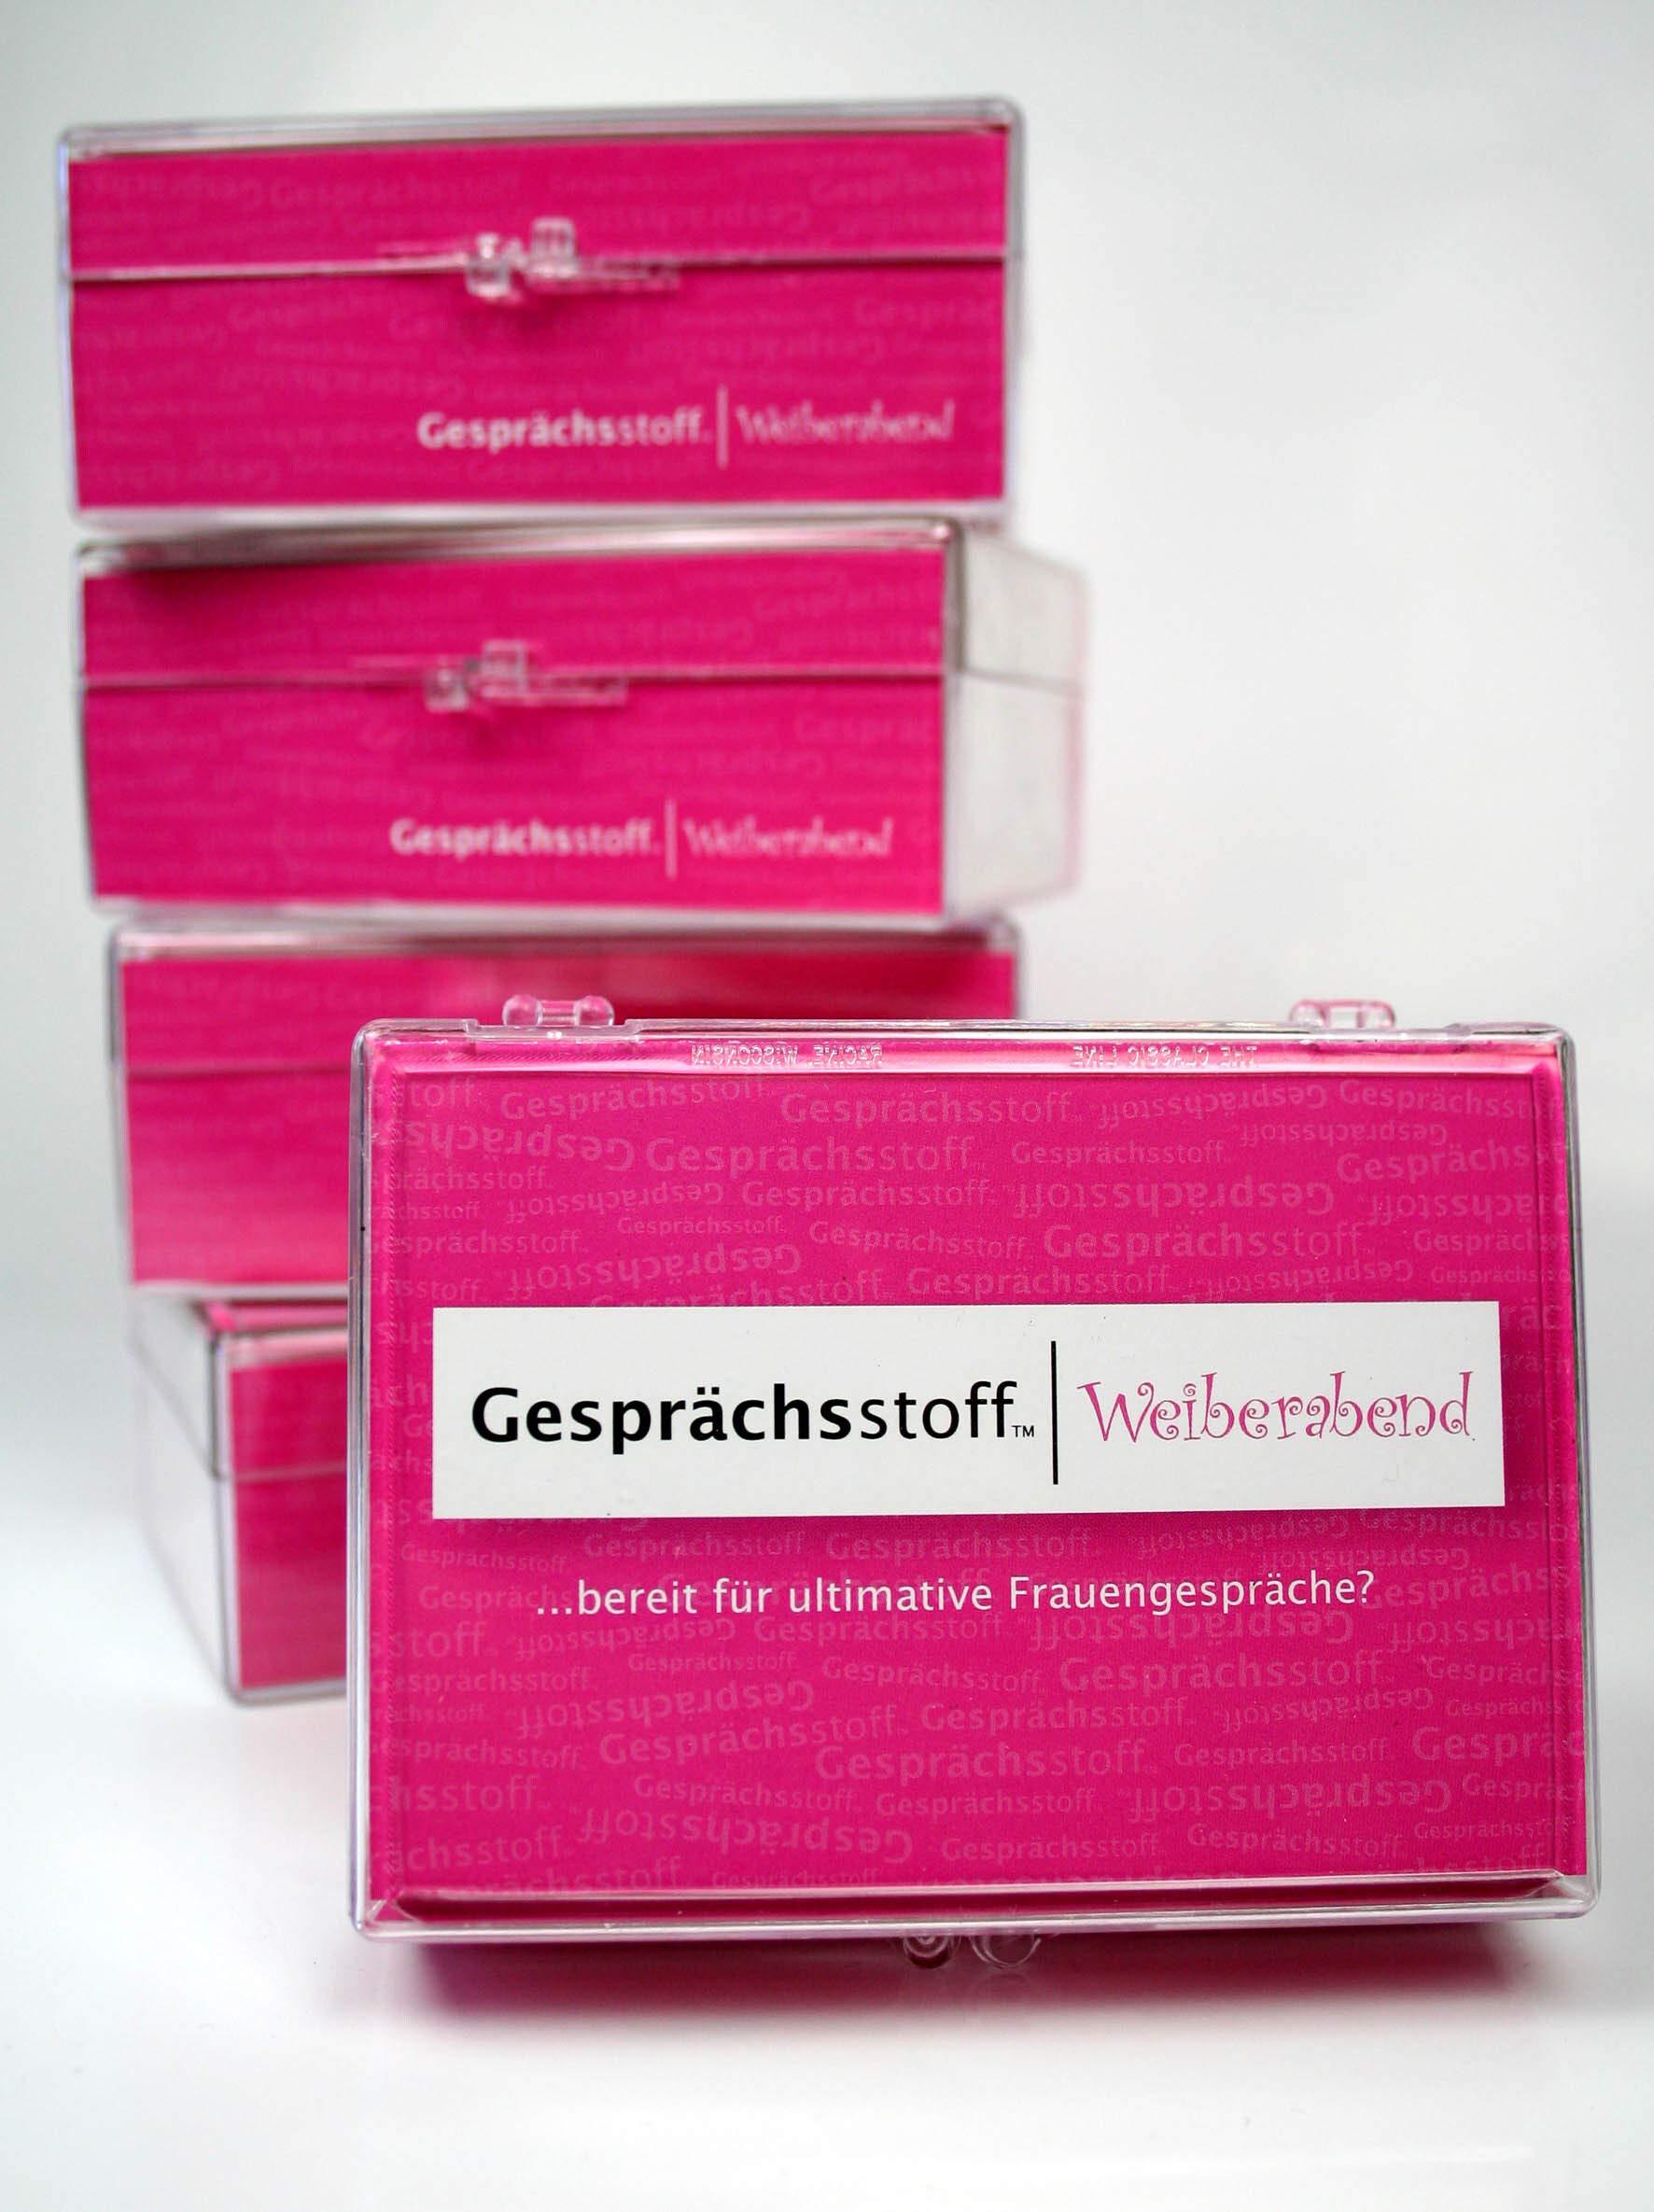 Monsterzeug-Gesprchsstoff-Spiel-Weiberabend-Partyspiel-fr-Frauen-Kartenspiel-mit-100-Fragen-Spiel-fr-Mdelsabende-und-JGAs